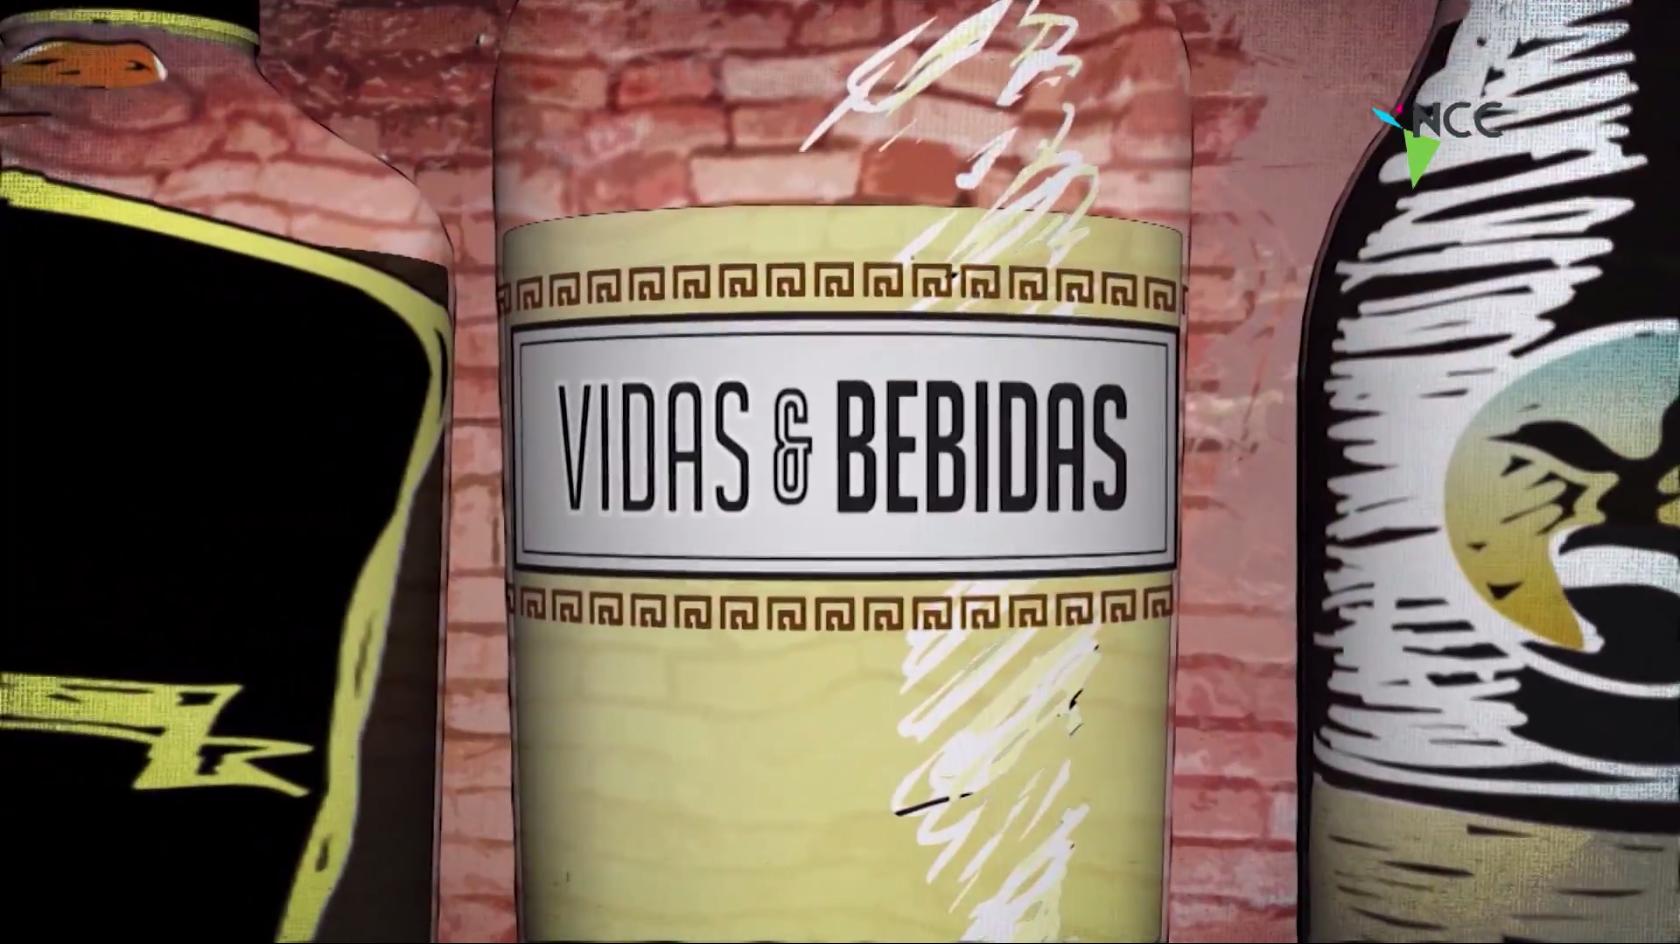 Serie internacional de televisión Vidas y Bebidas